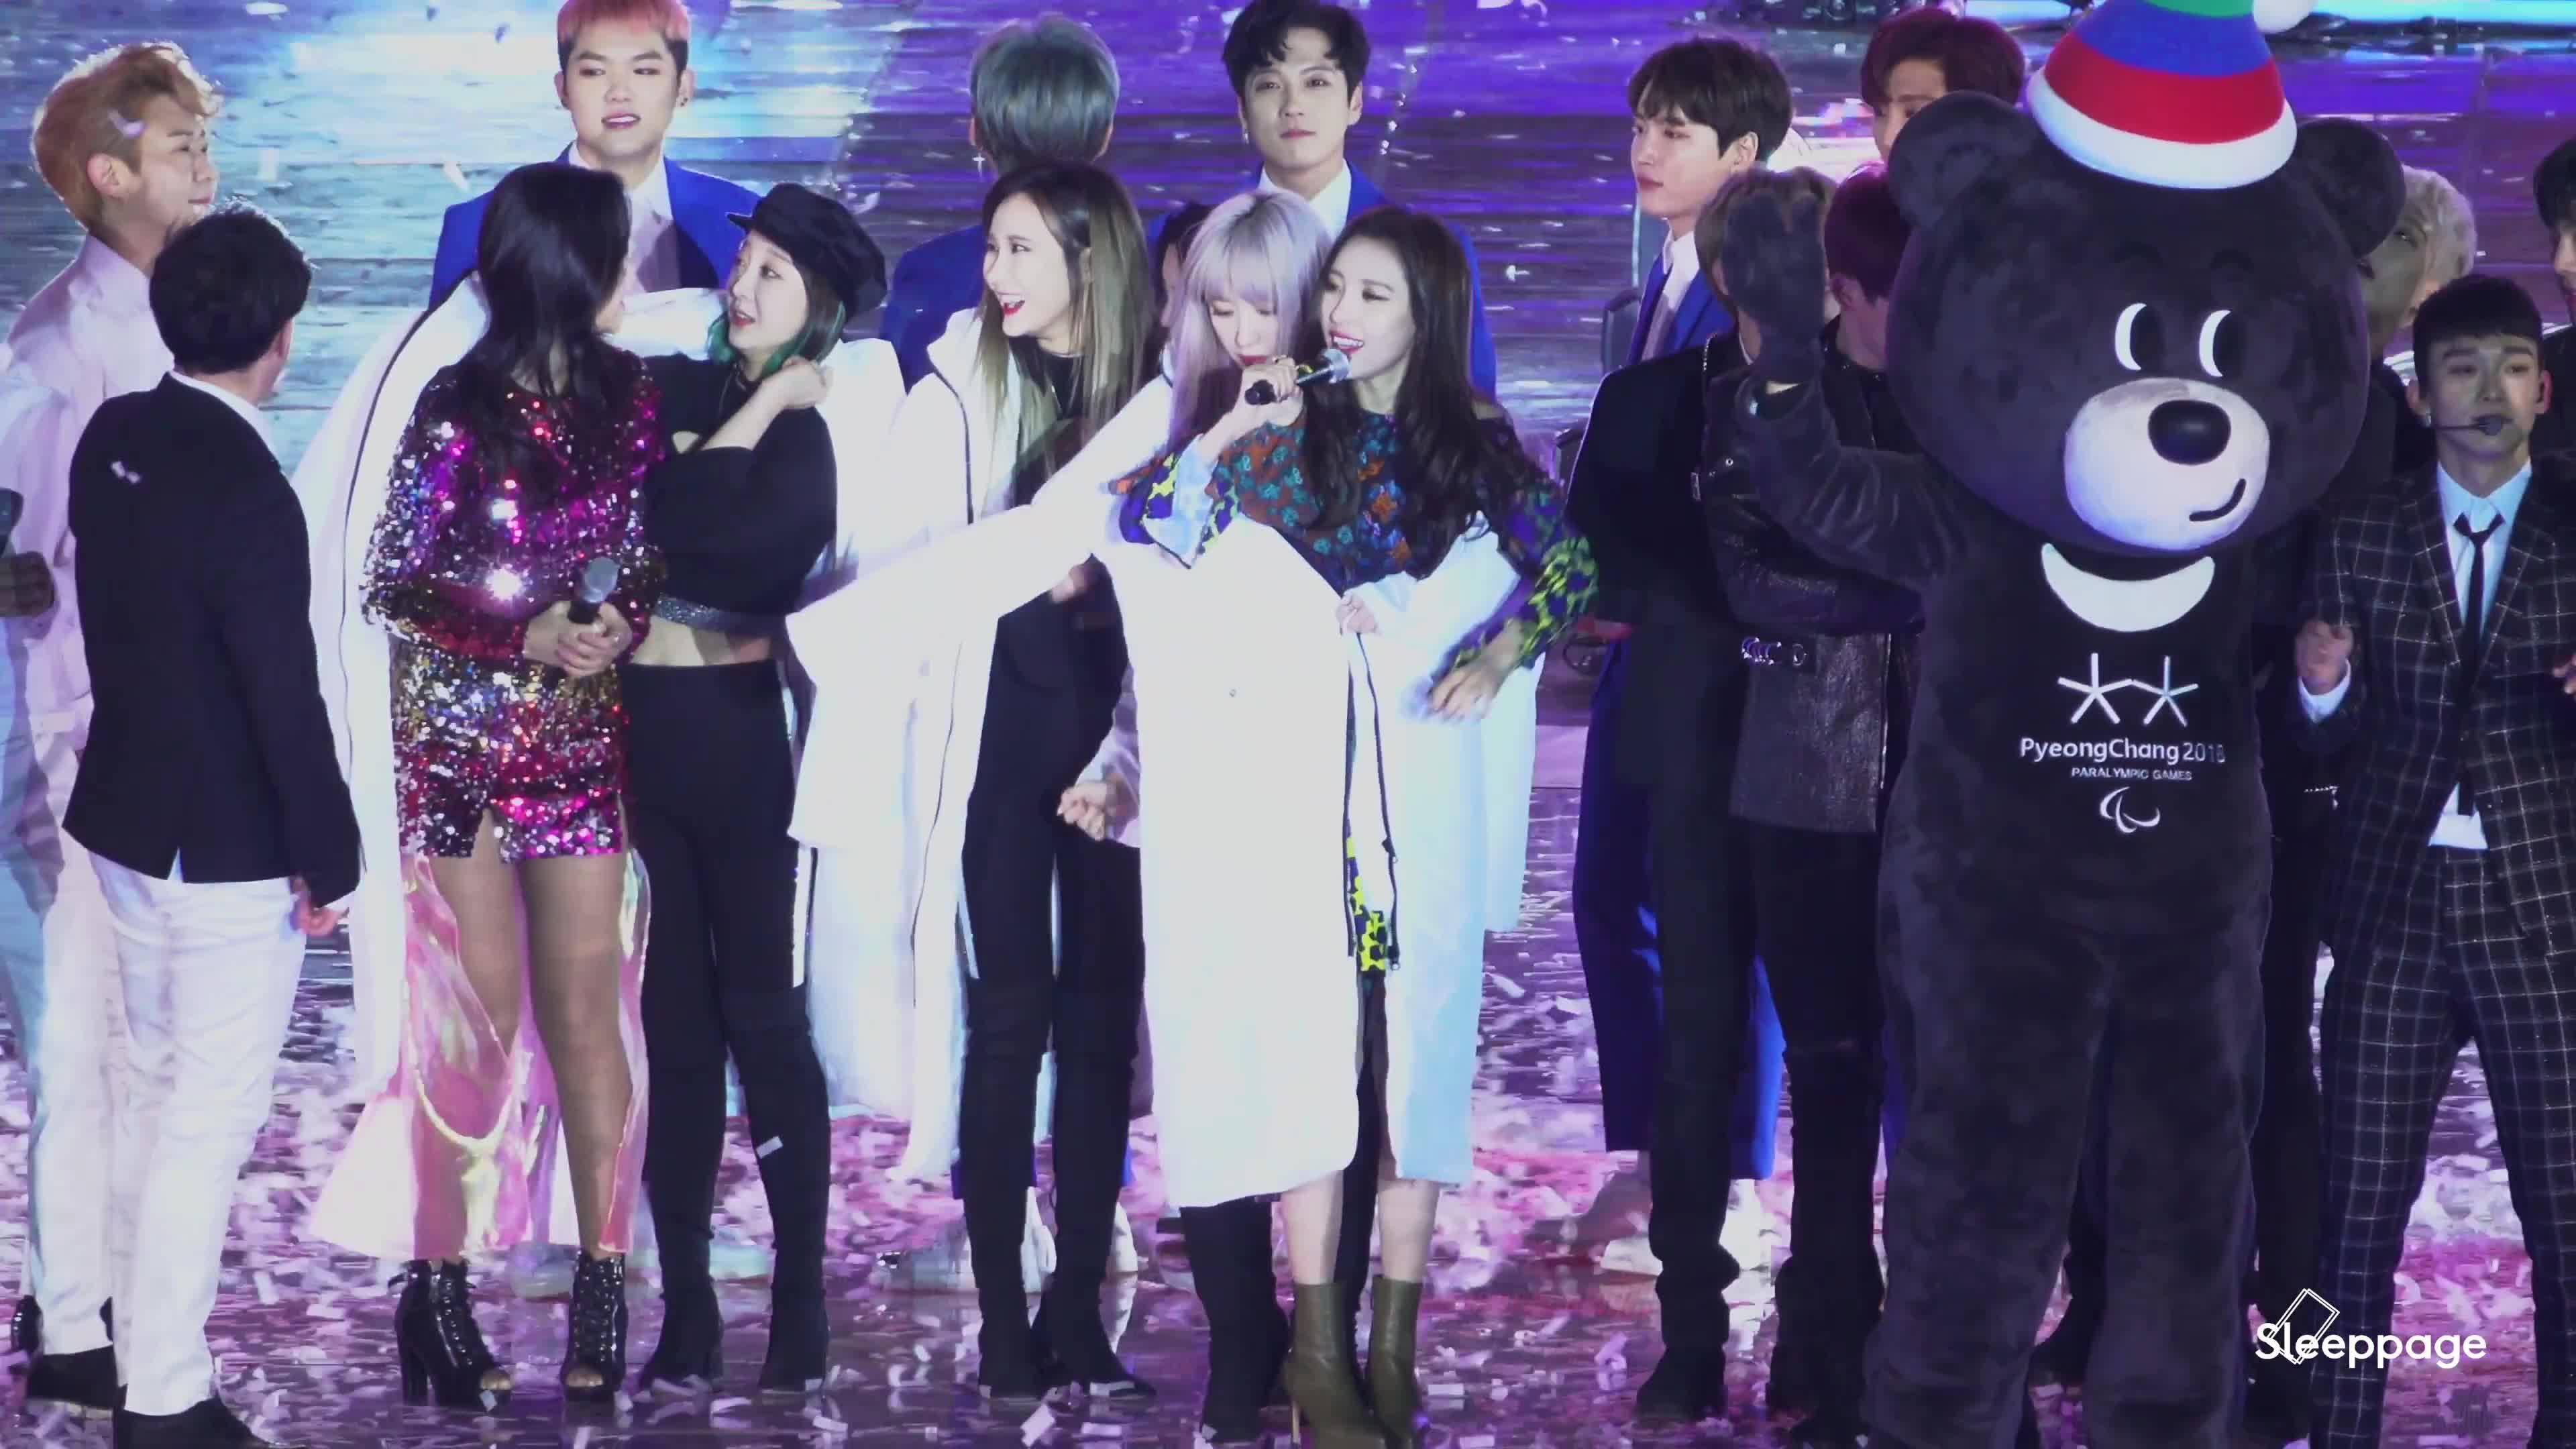 Fan tan chảy trước khoảnh khắc áo khoác chia đôi của 2 nữ thần Hani (EXID) và Sunmi ảnh 6